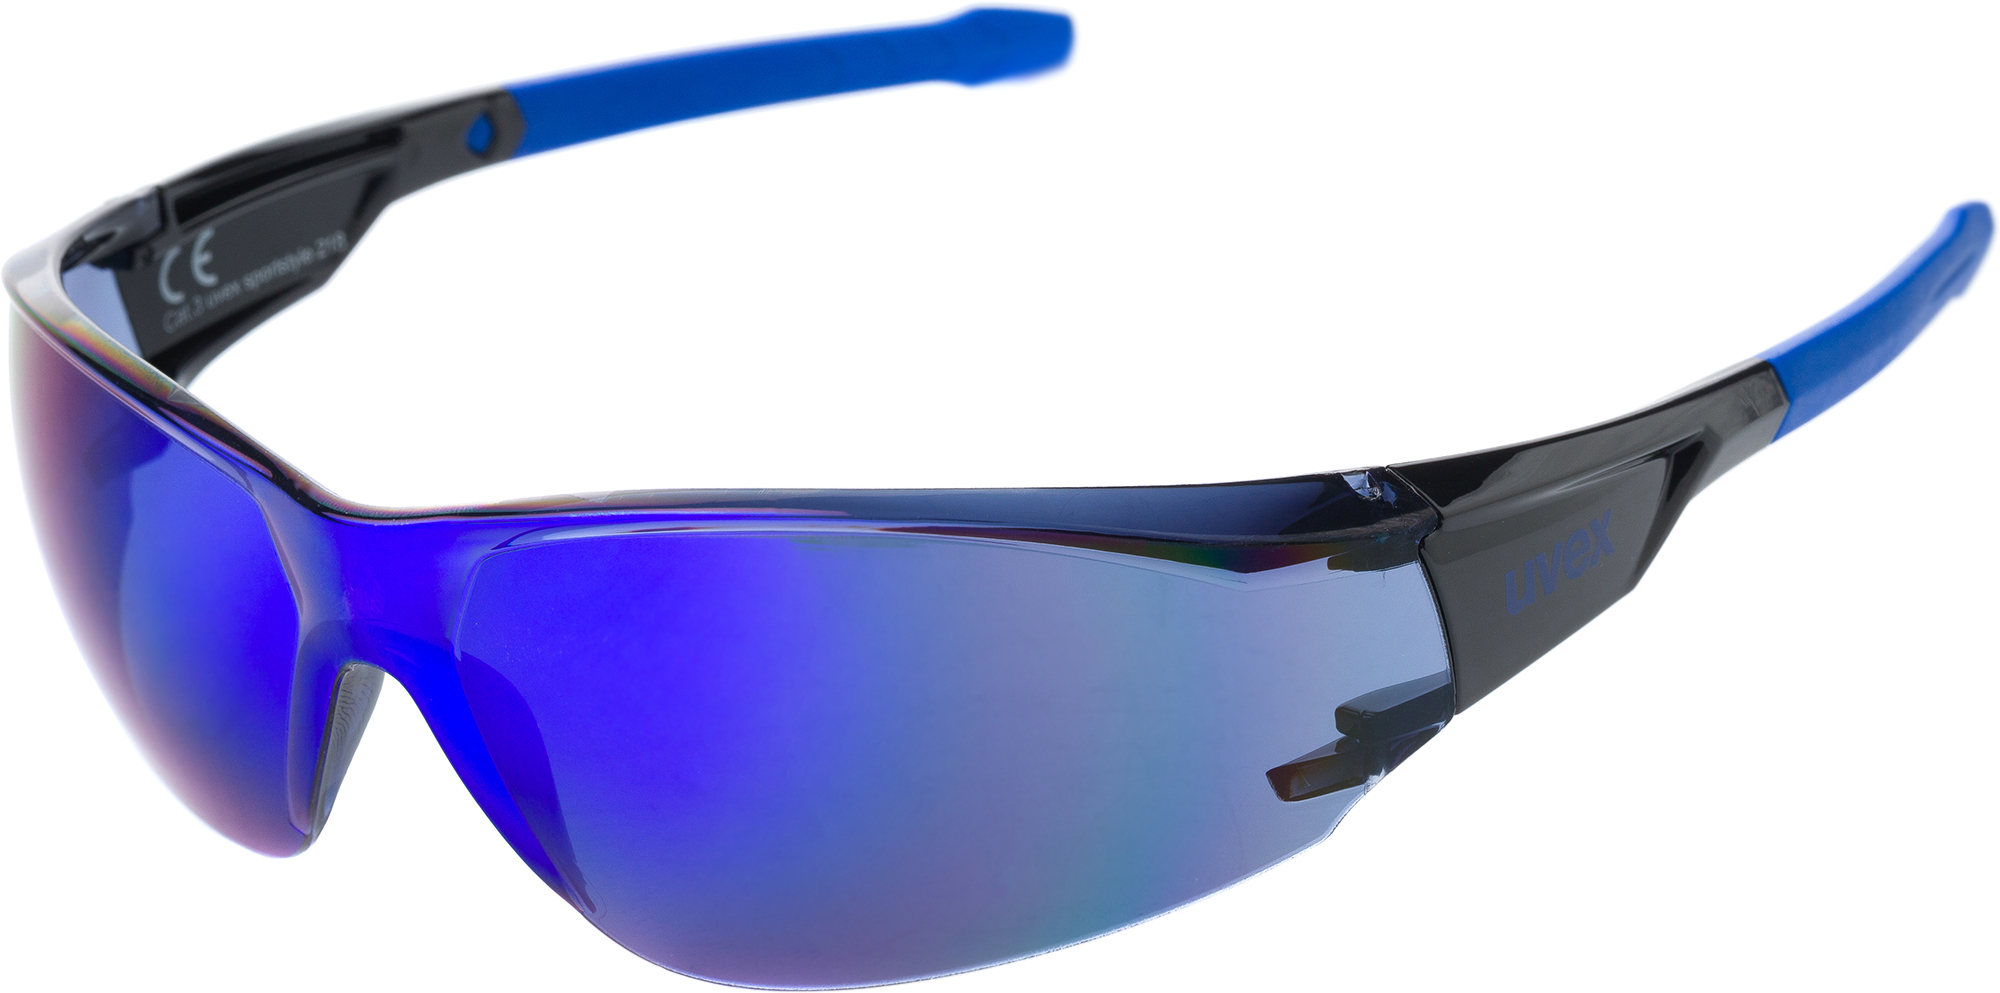 uvex шлем велосипедный uvex i vo c размер 52 56 Uvex Солнцезащитные очки Uvex Sportstyle 218